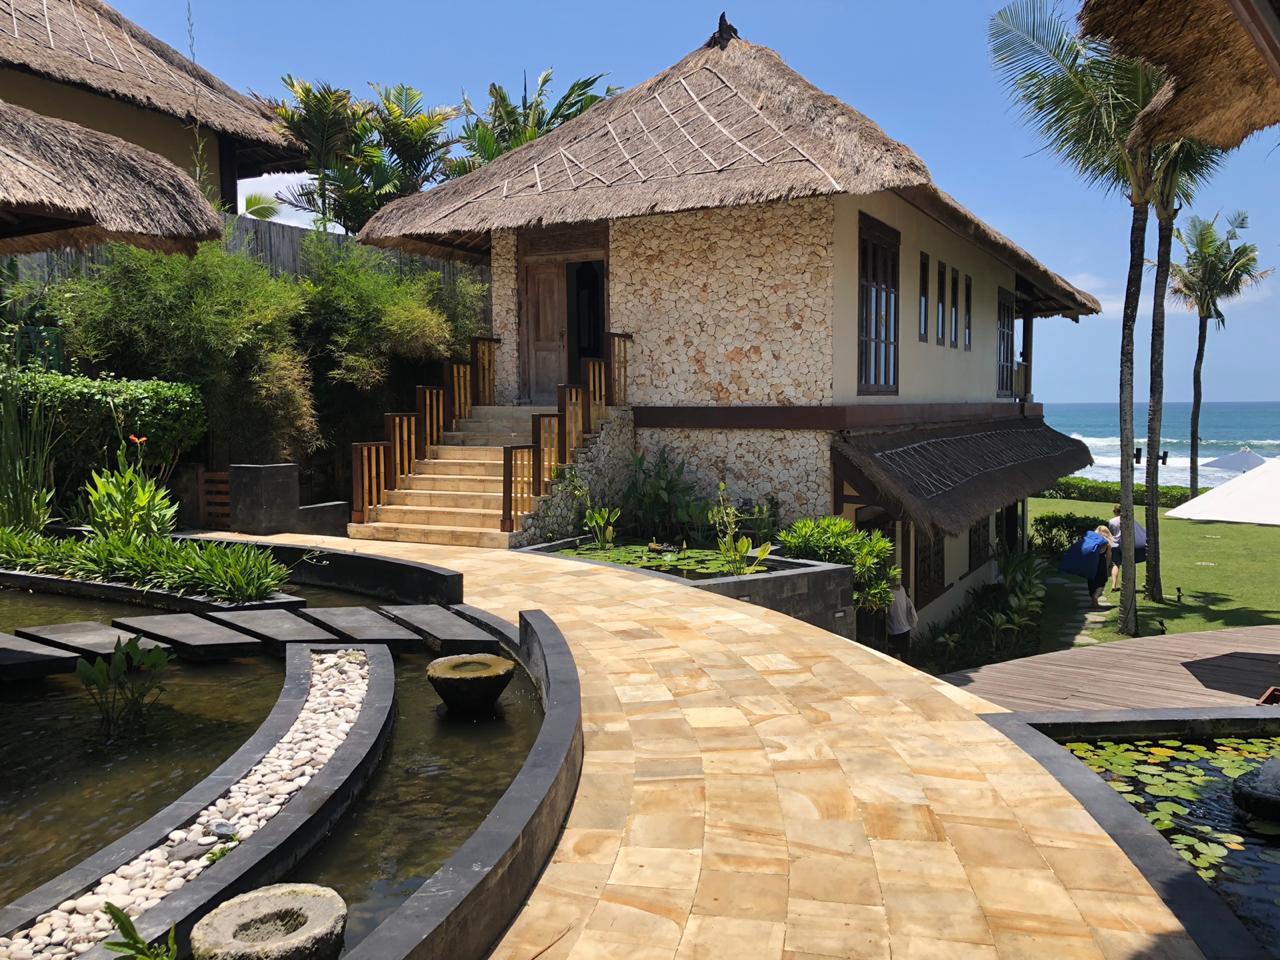 indonesia-golden-sandstone-tiles